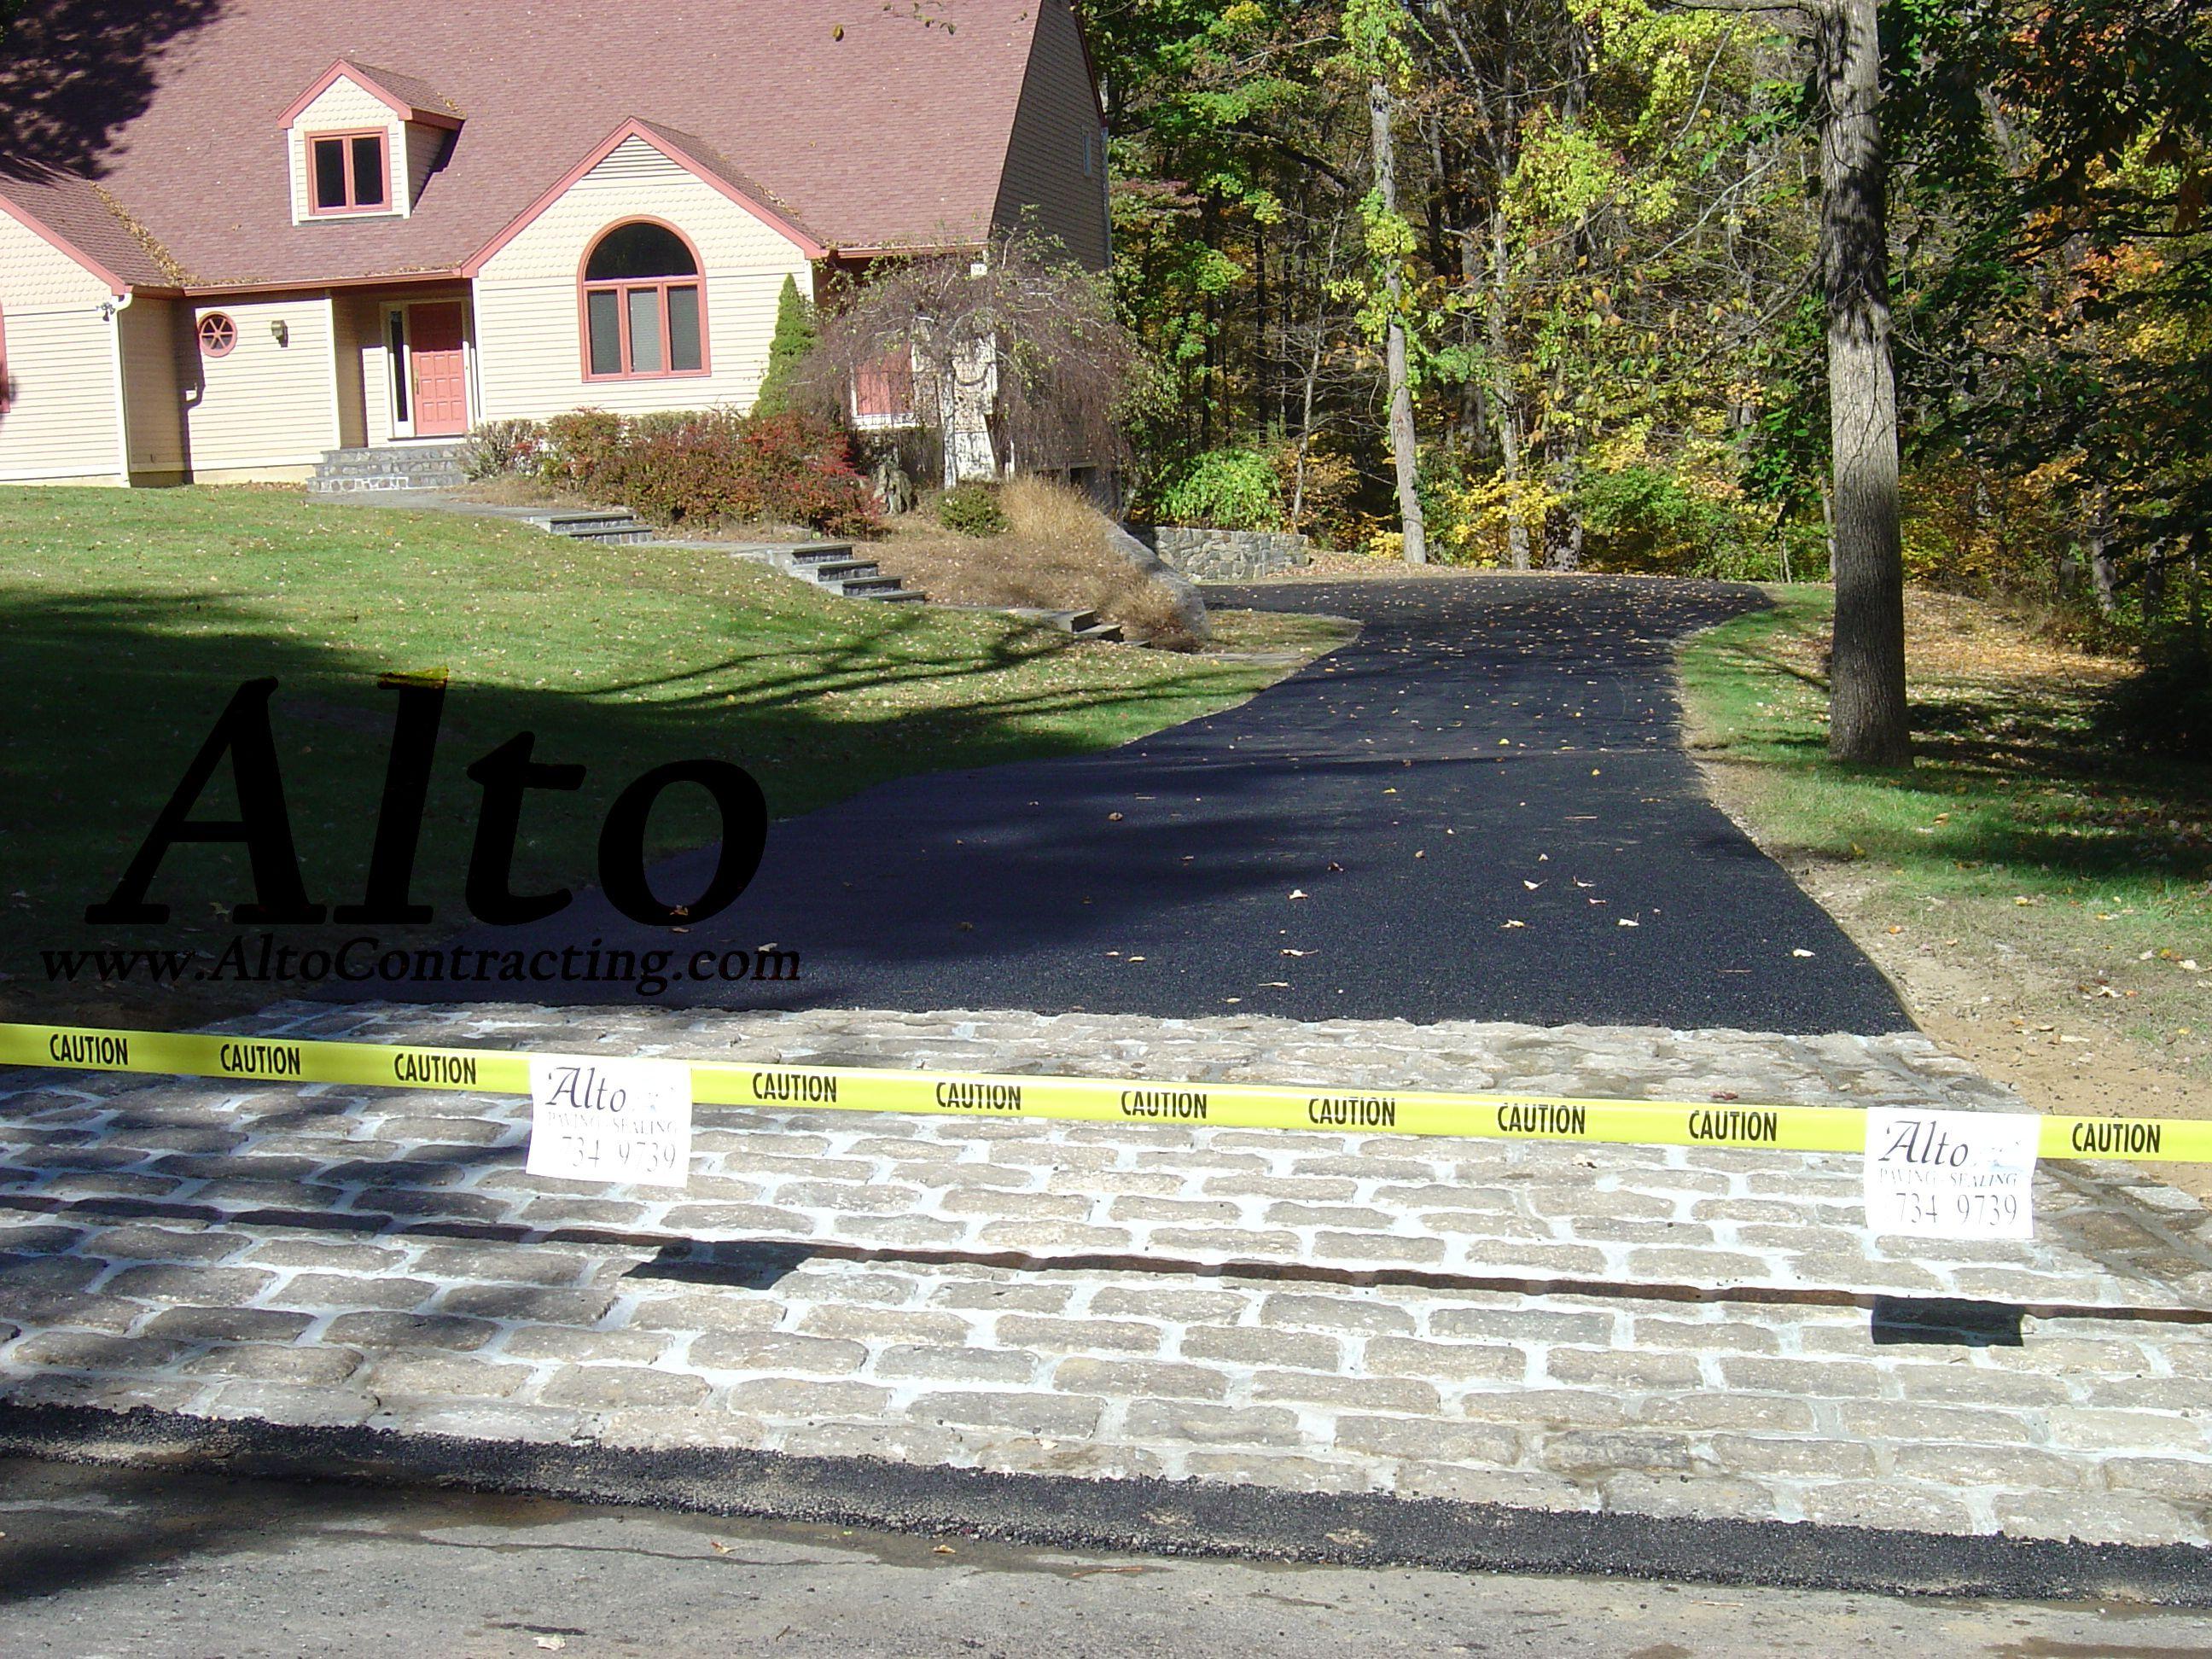 Blacktop Driveway With Cobblestone Entrance Apron Stamped Concrete Driveway Driveway Paving Cobblestone Driveway Apron